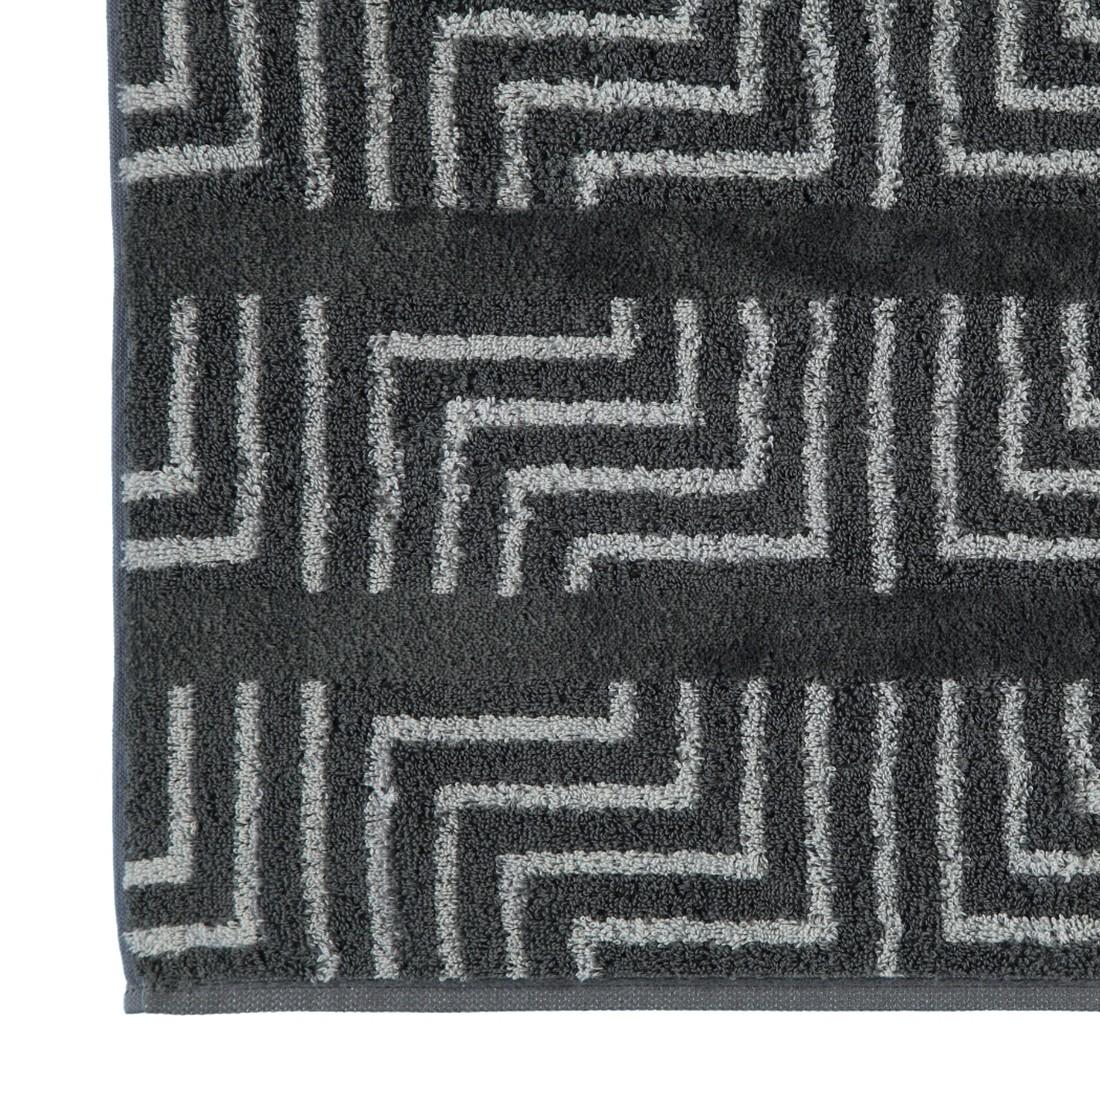 Handtücher Noblesse Decor Jacquard 1066 – Baumwolle – Anthrazit – Waschhandschuh 16×22 cm, Cawö online kaufen